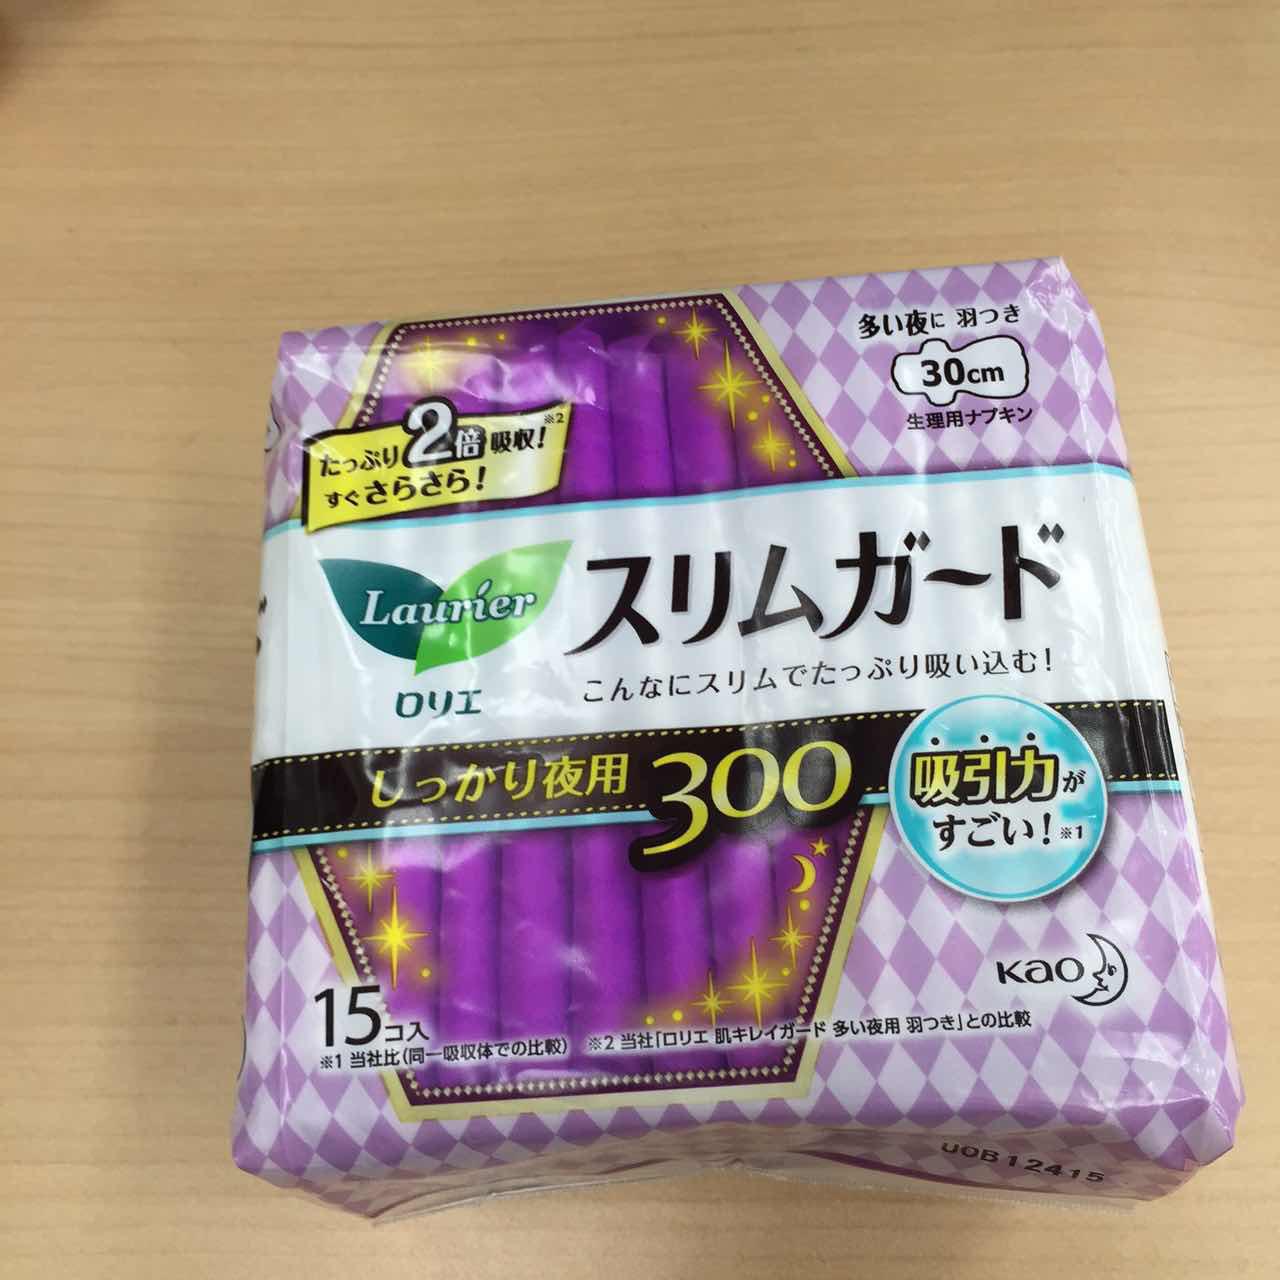 花王夜用护翼卫生巾30cm超薄1mm棉柔 15片-0